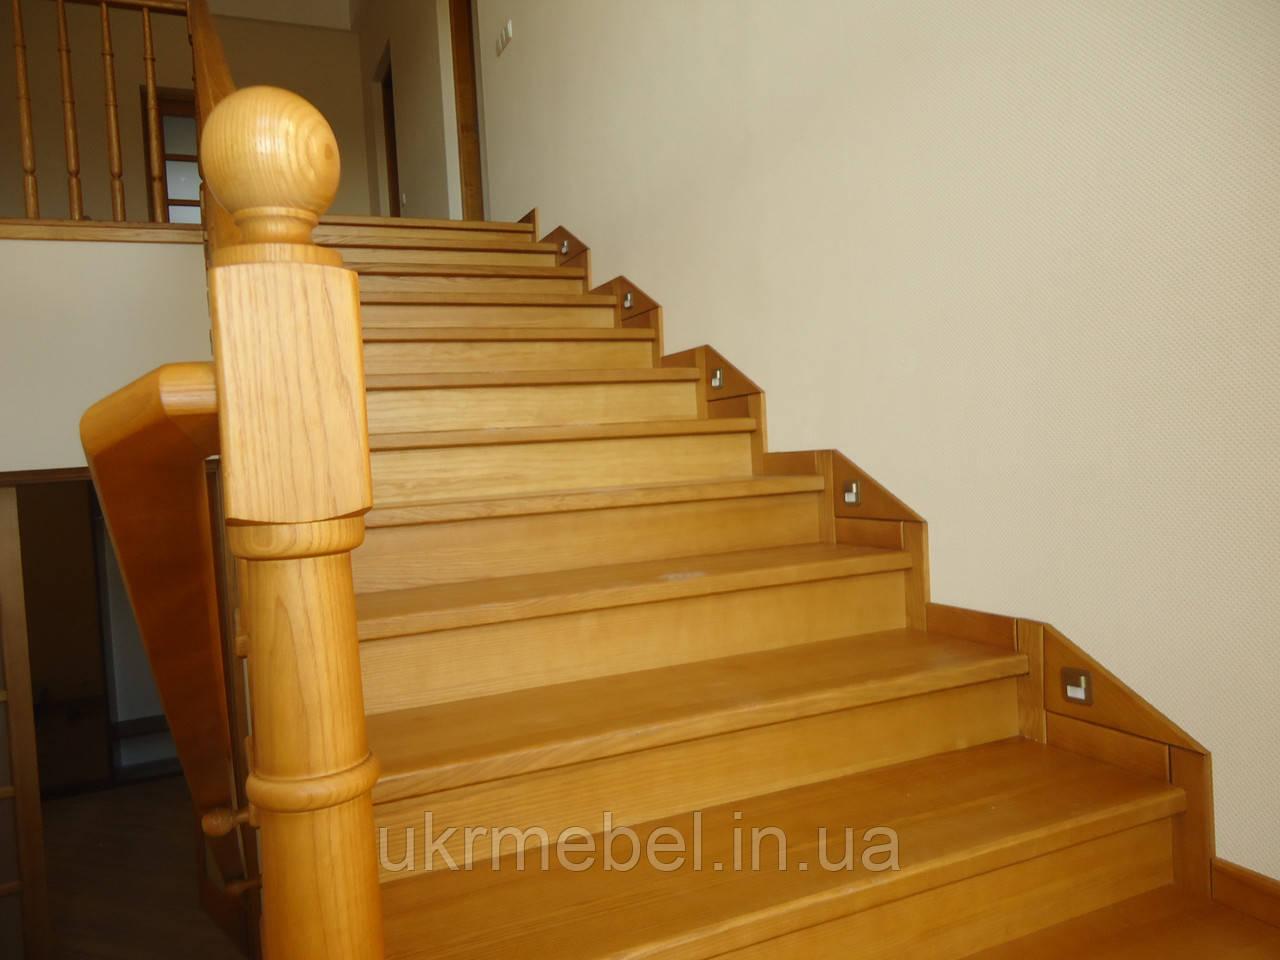 Лестницы из дуба. Лестницы дубовые